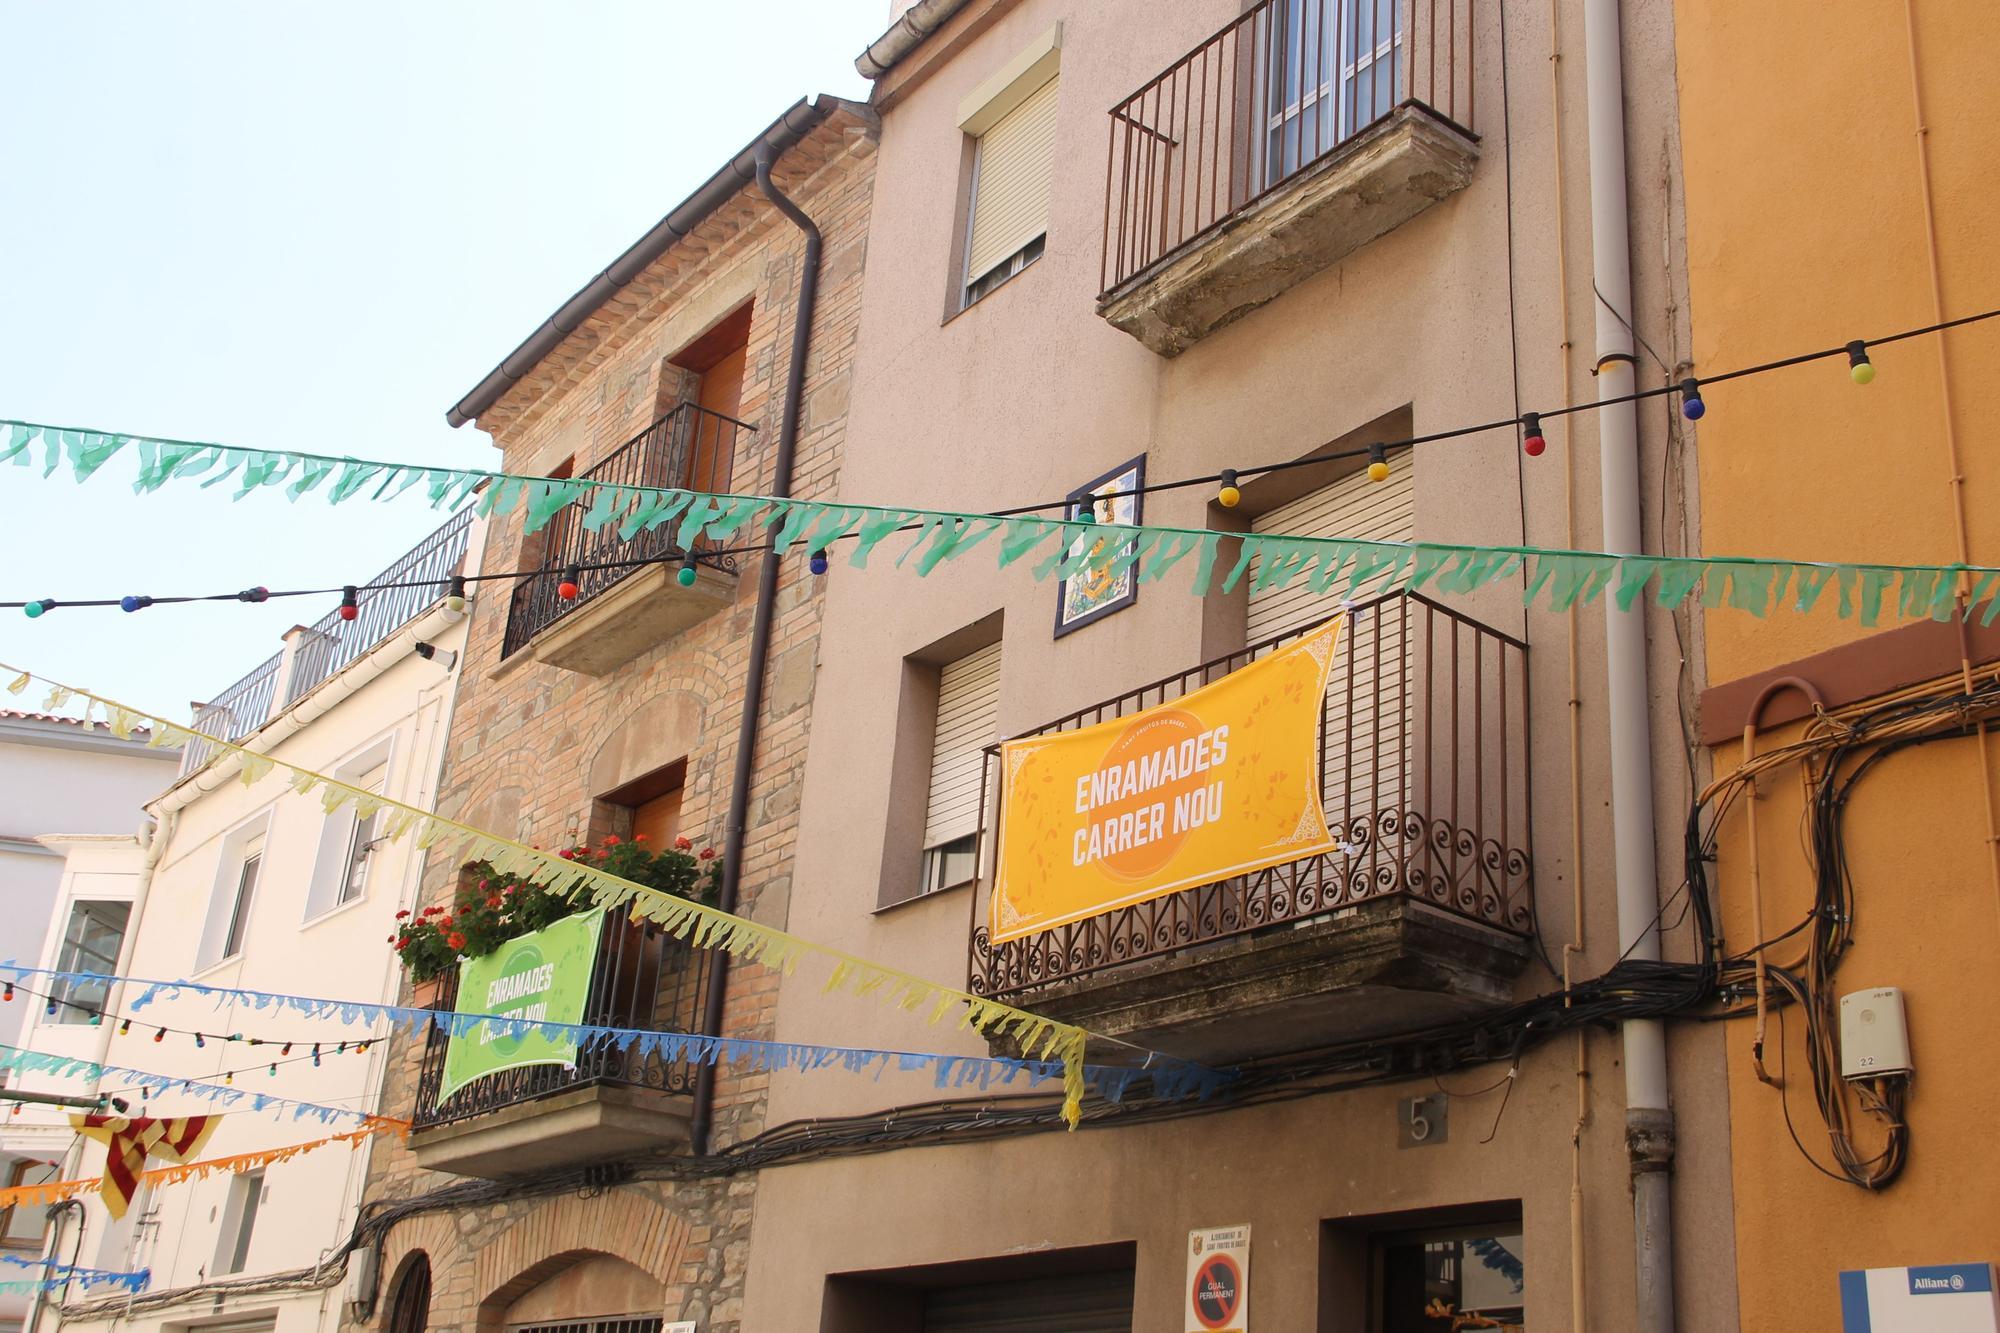 Les Enramades tornen al carrer Nou de Sant Fruitós de Bages